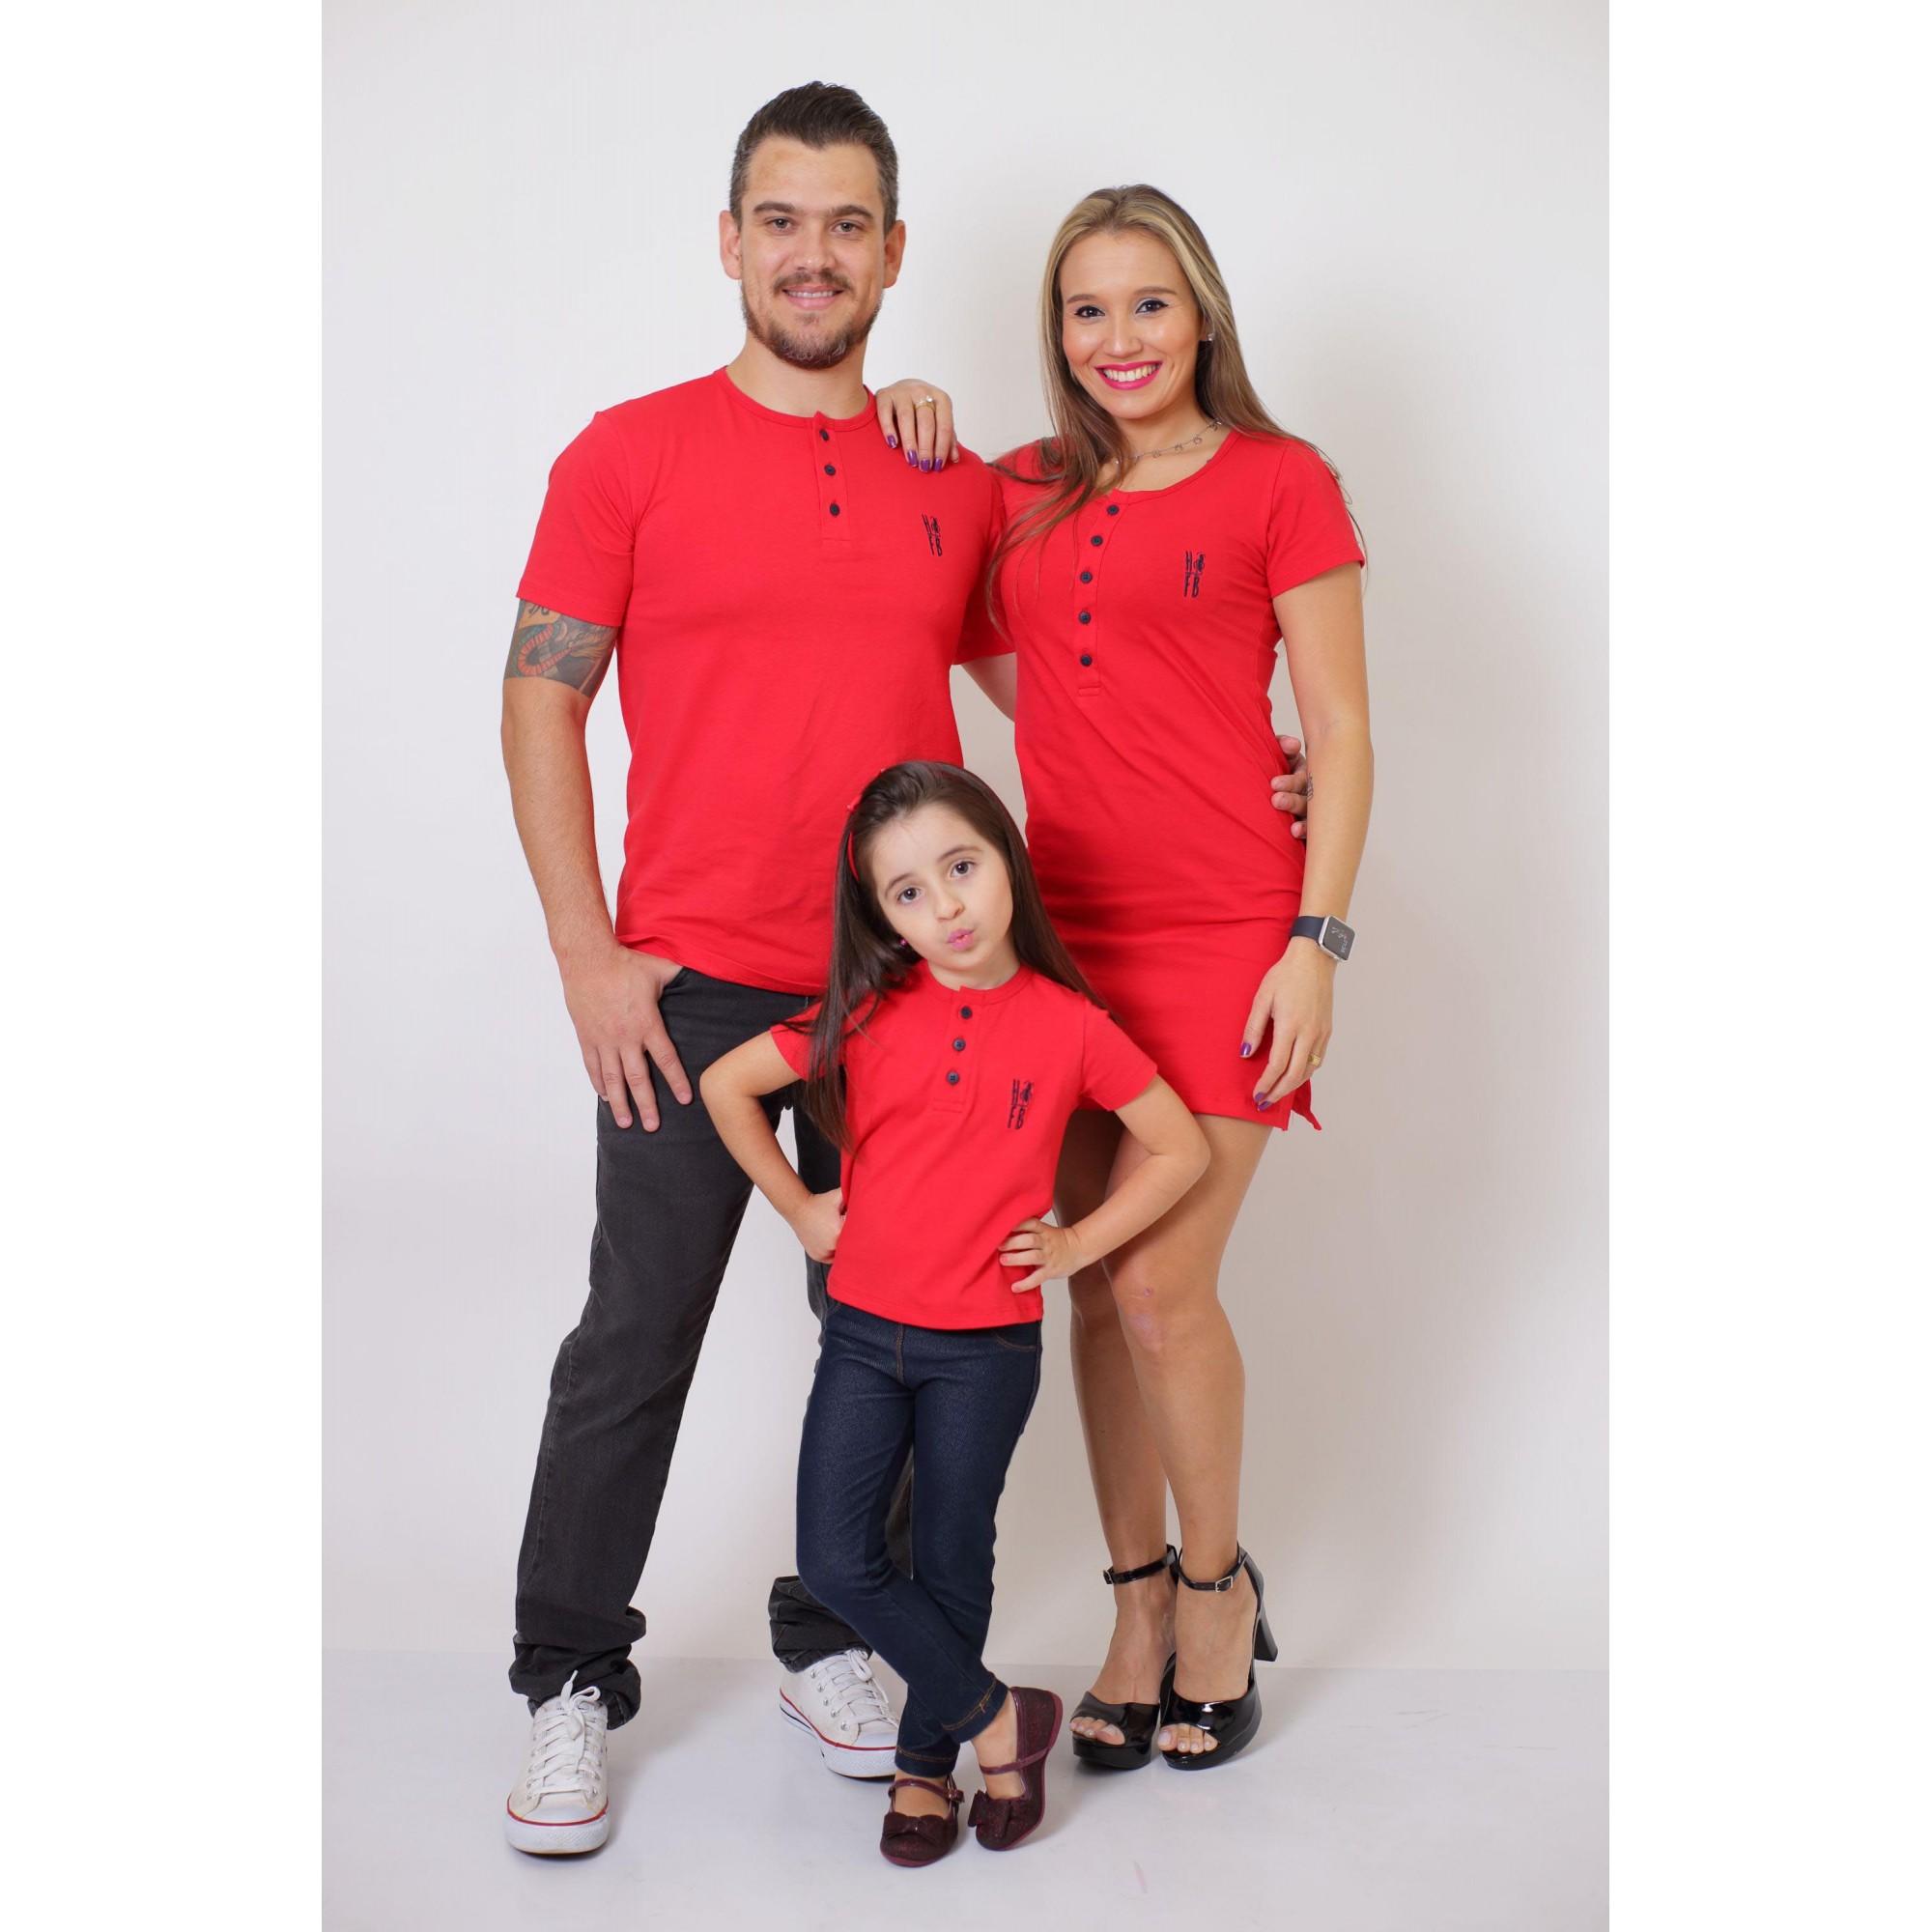 PAIS E FILHA > Kit 3 Peças - T-Shirt + Vestido + T-Shirt ou Body Henley Infantil - Vermelho [Coleção Família]